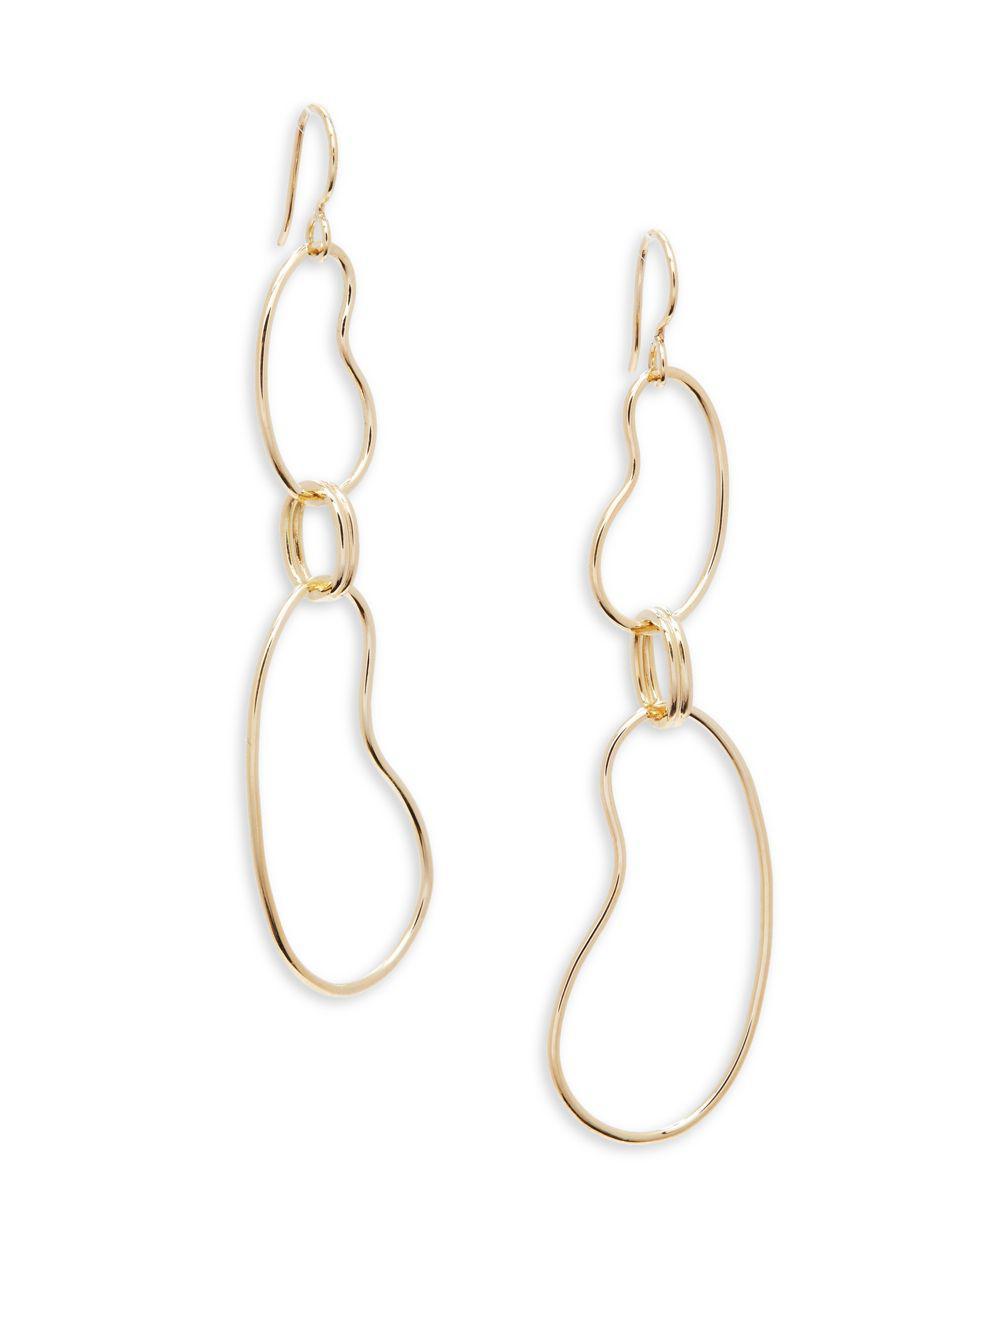 Ippolita 18k Glamazon Short Oval Link Earrings 0gLYKI